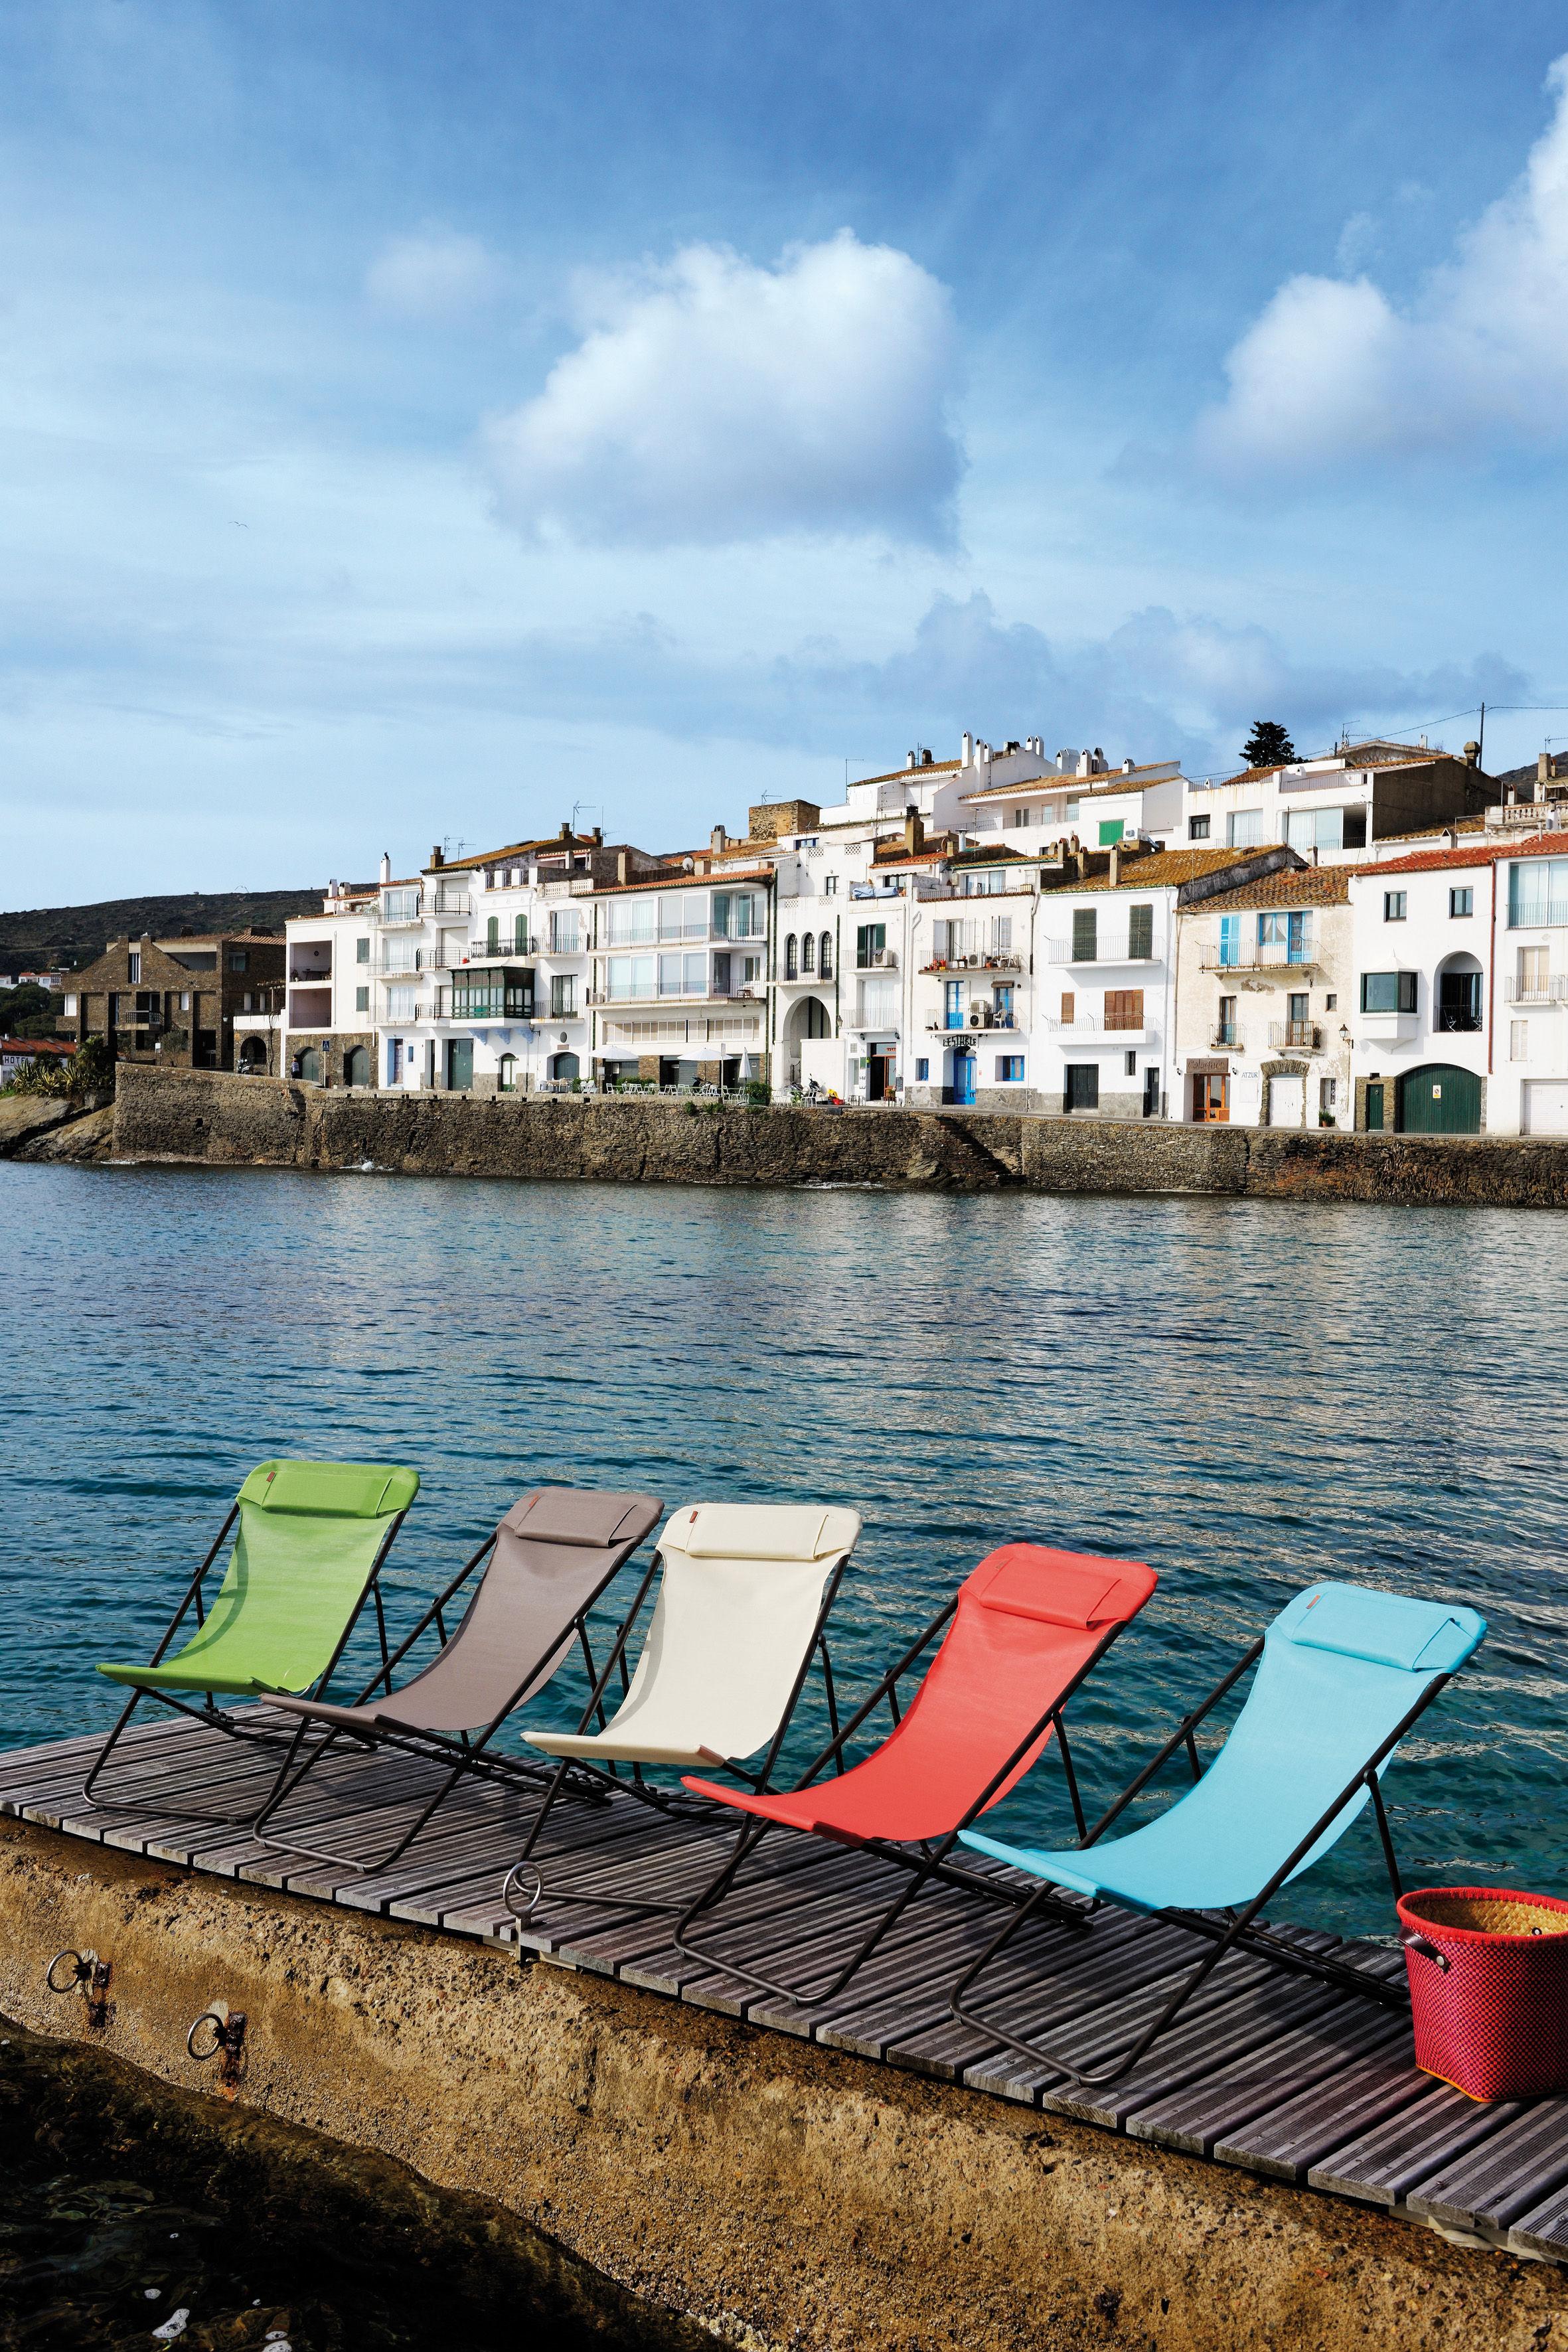 Toile de rechange pour chaise longue transaluxe vert - Changer toile chaise longue ...